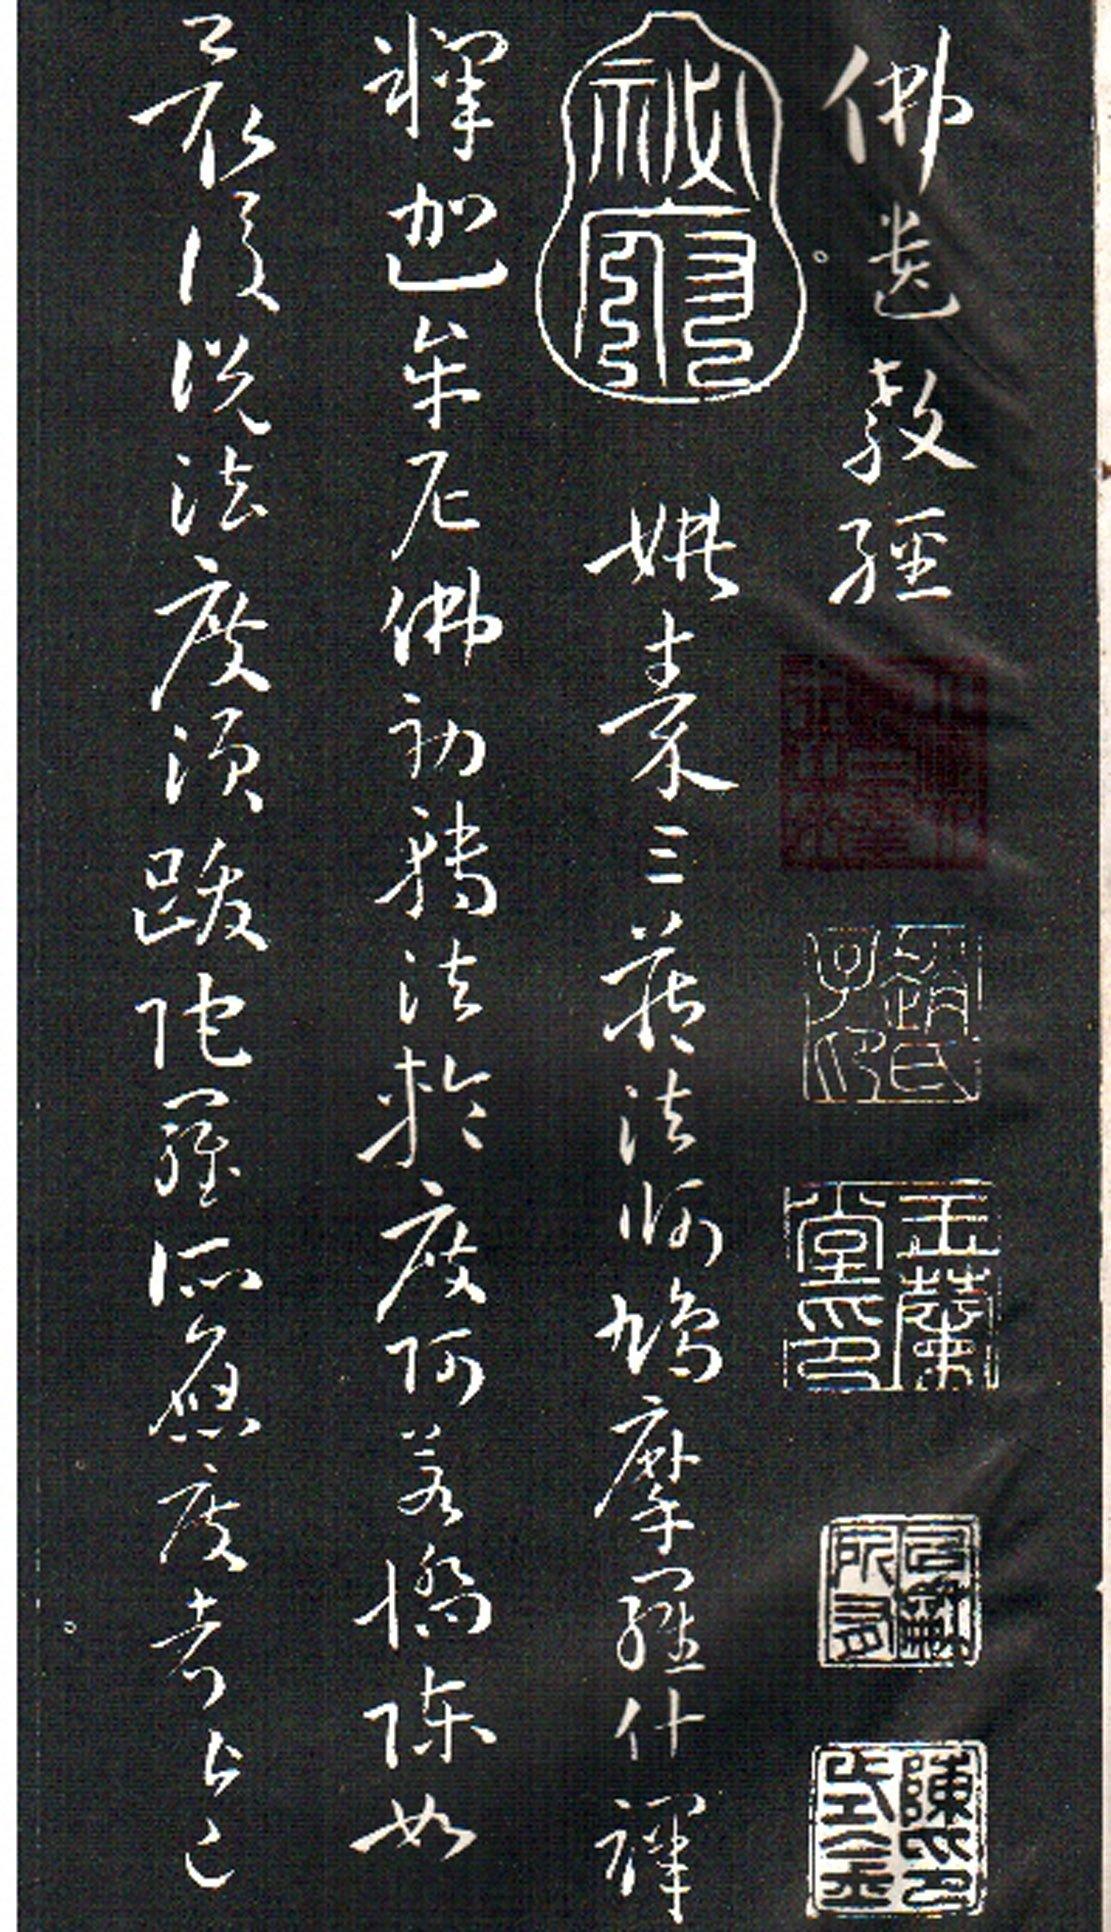 Tôn Quá Đình Thảo Thư (Phật Di Giáo Kinh)